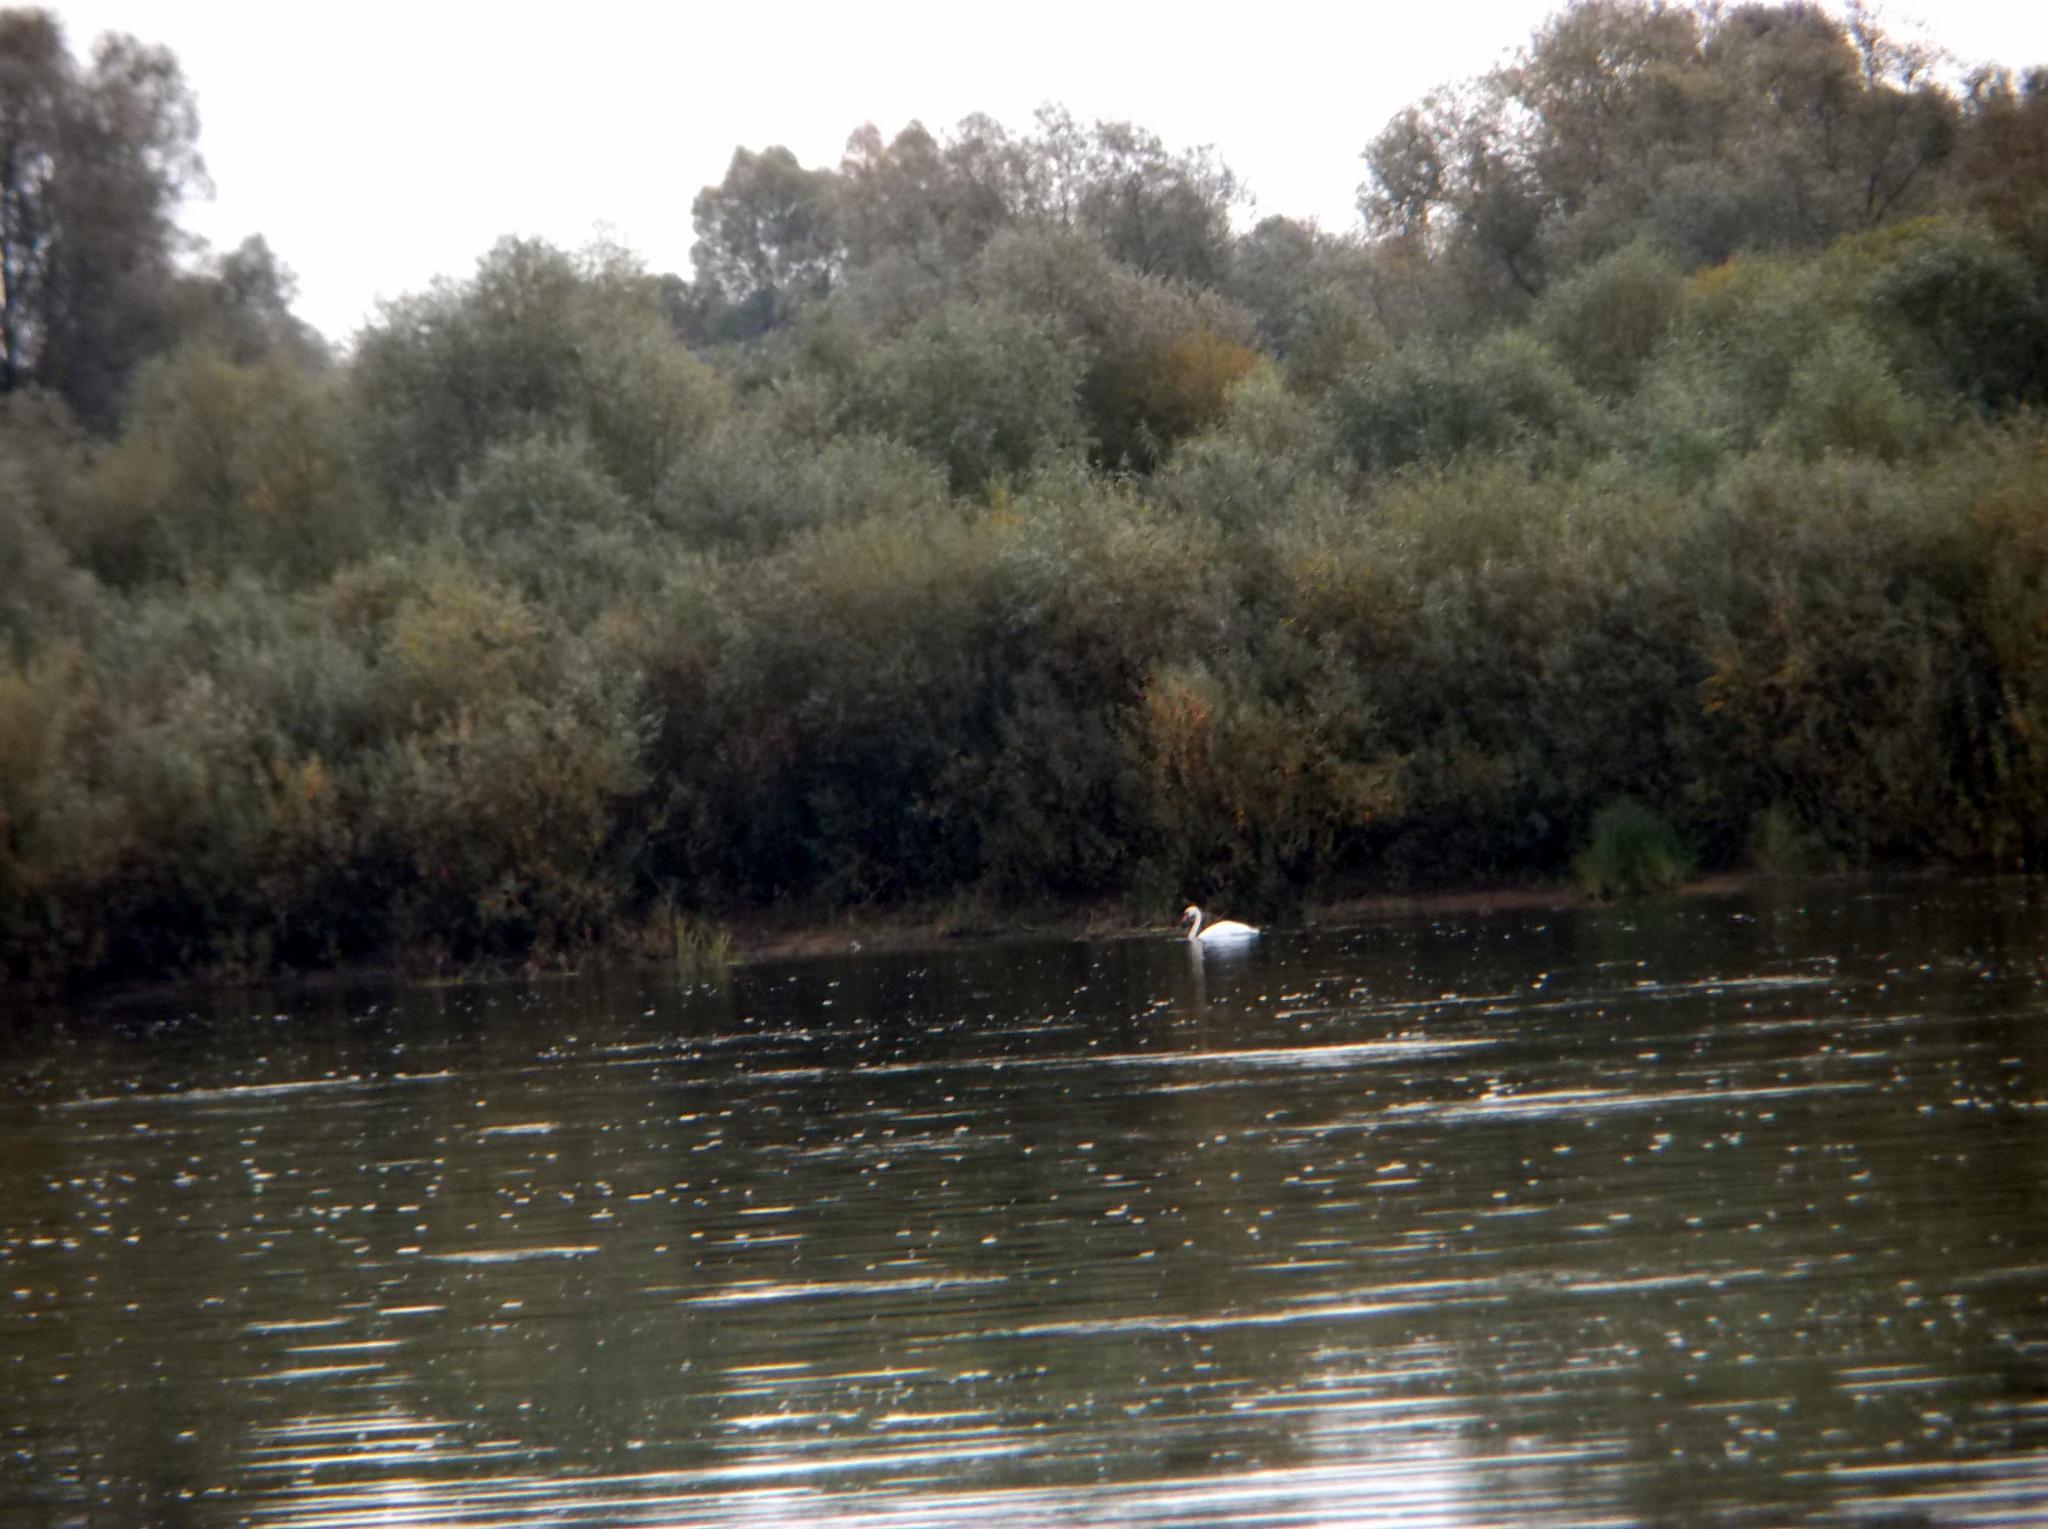 In the river. by Zita Užkuraitienė